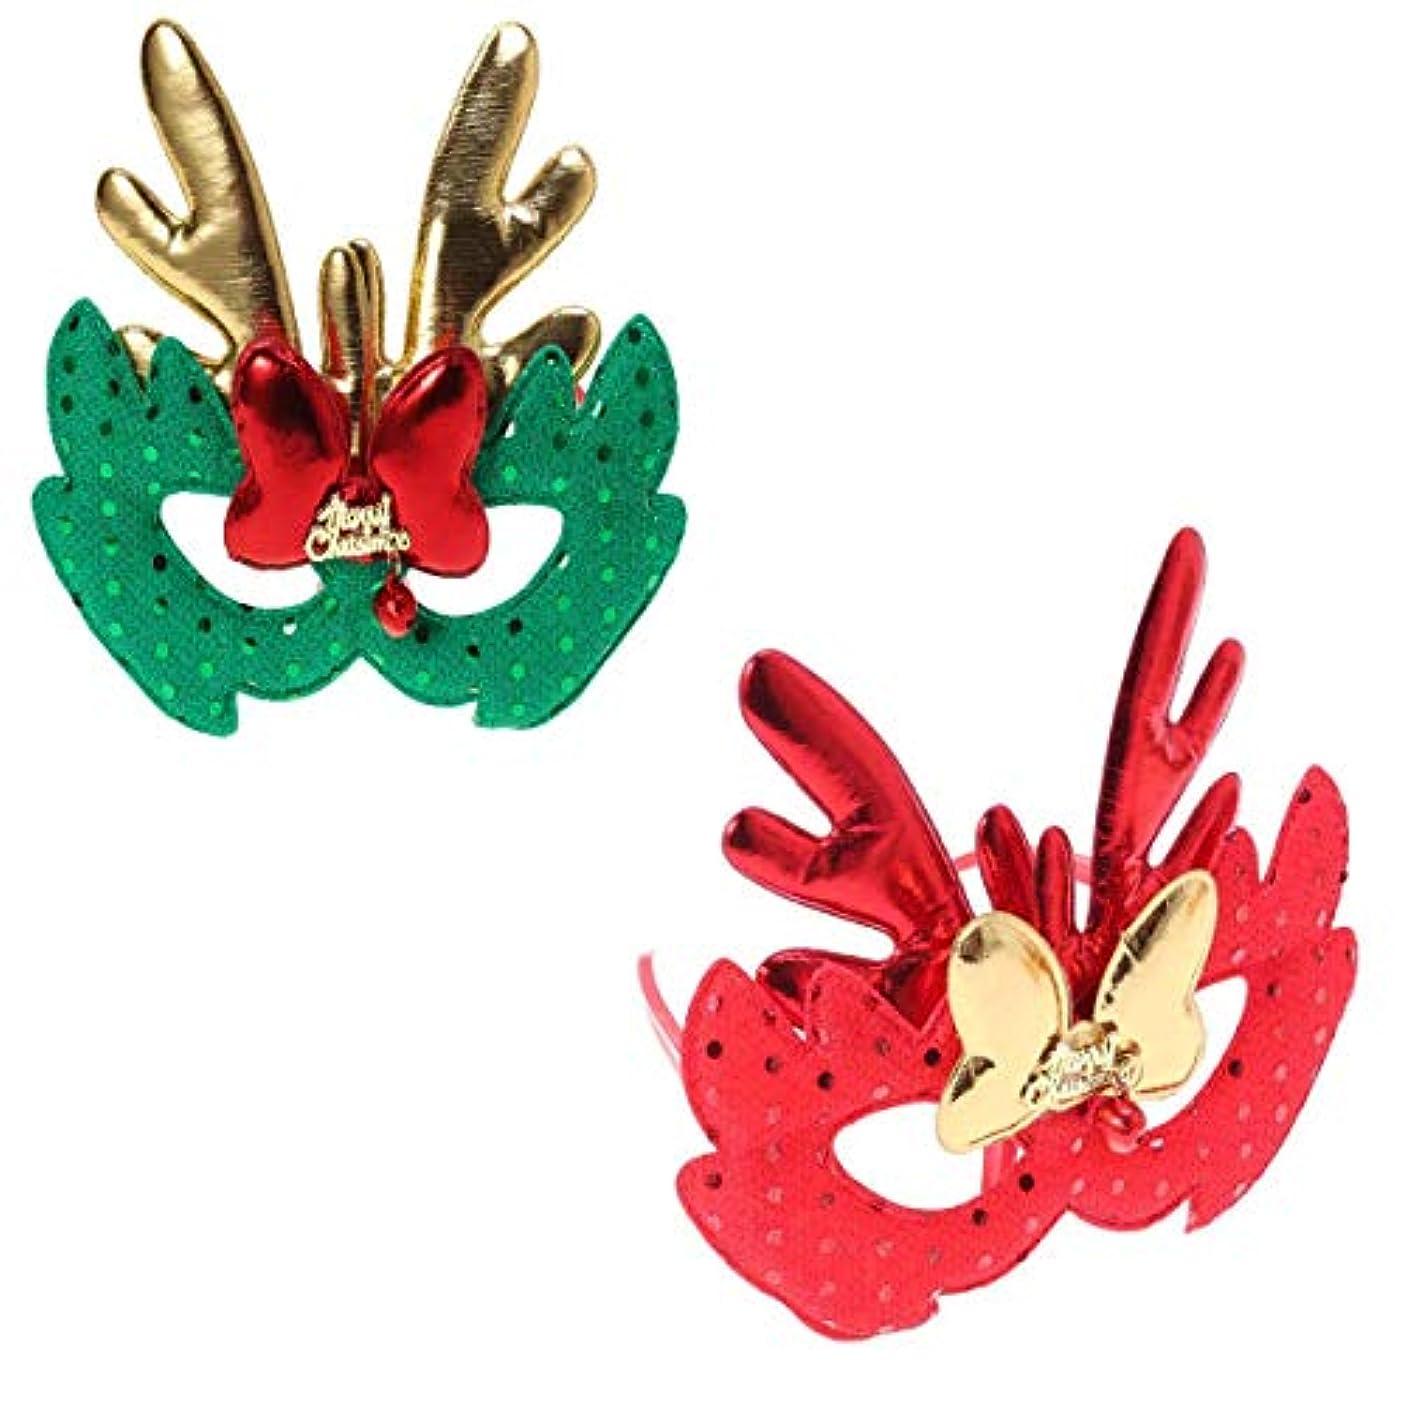 出力テープマガジンBESTOYARD エルククリスマスコスチュームマスク布マスク子供大人コスプレクリスマスパーティー2個